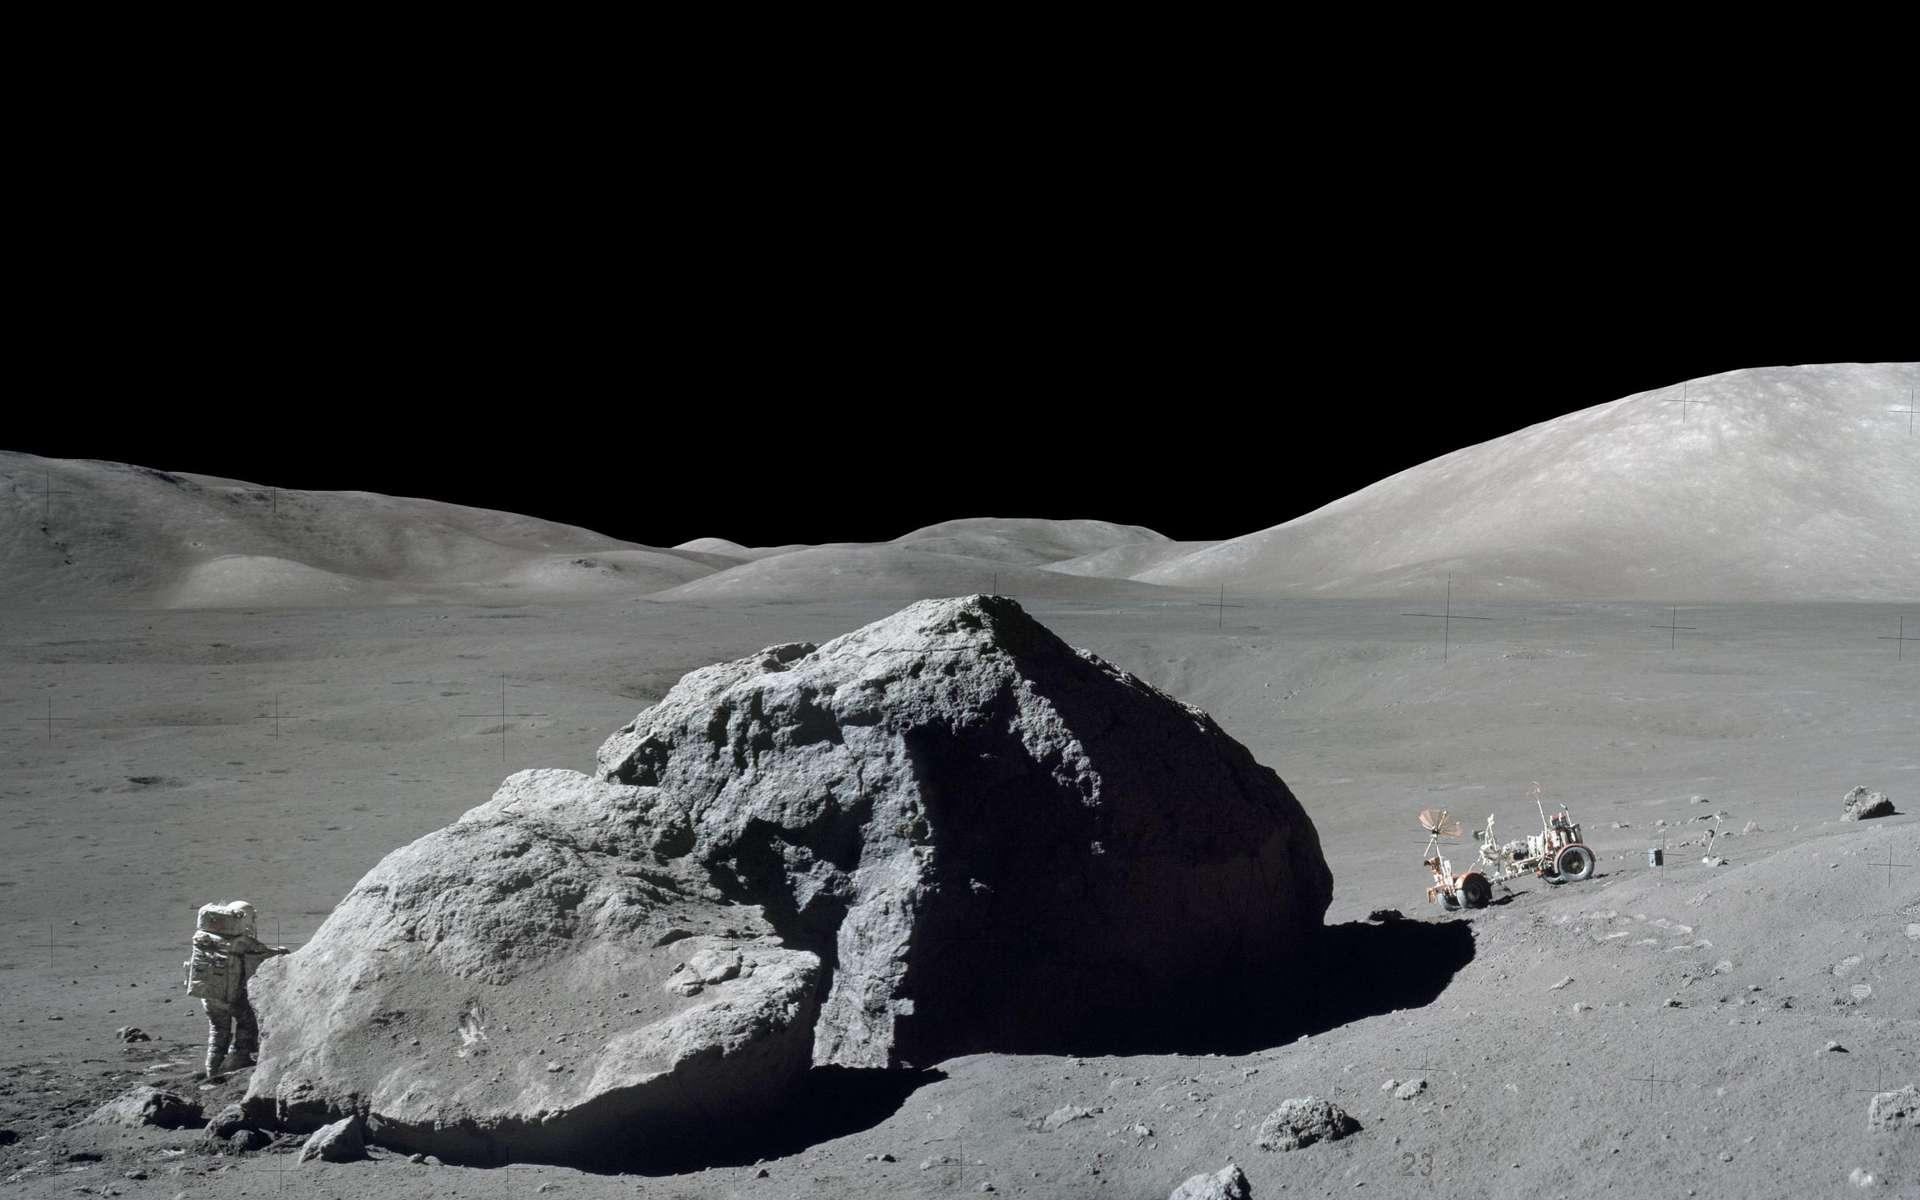 Une vue de la Lune prise lors de la mission Apollo 17 et montrant l'astronaute et géologue Harrison H. Schmitt. © Nasa, Gene Cernan